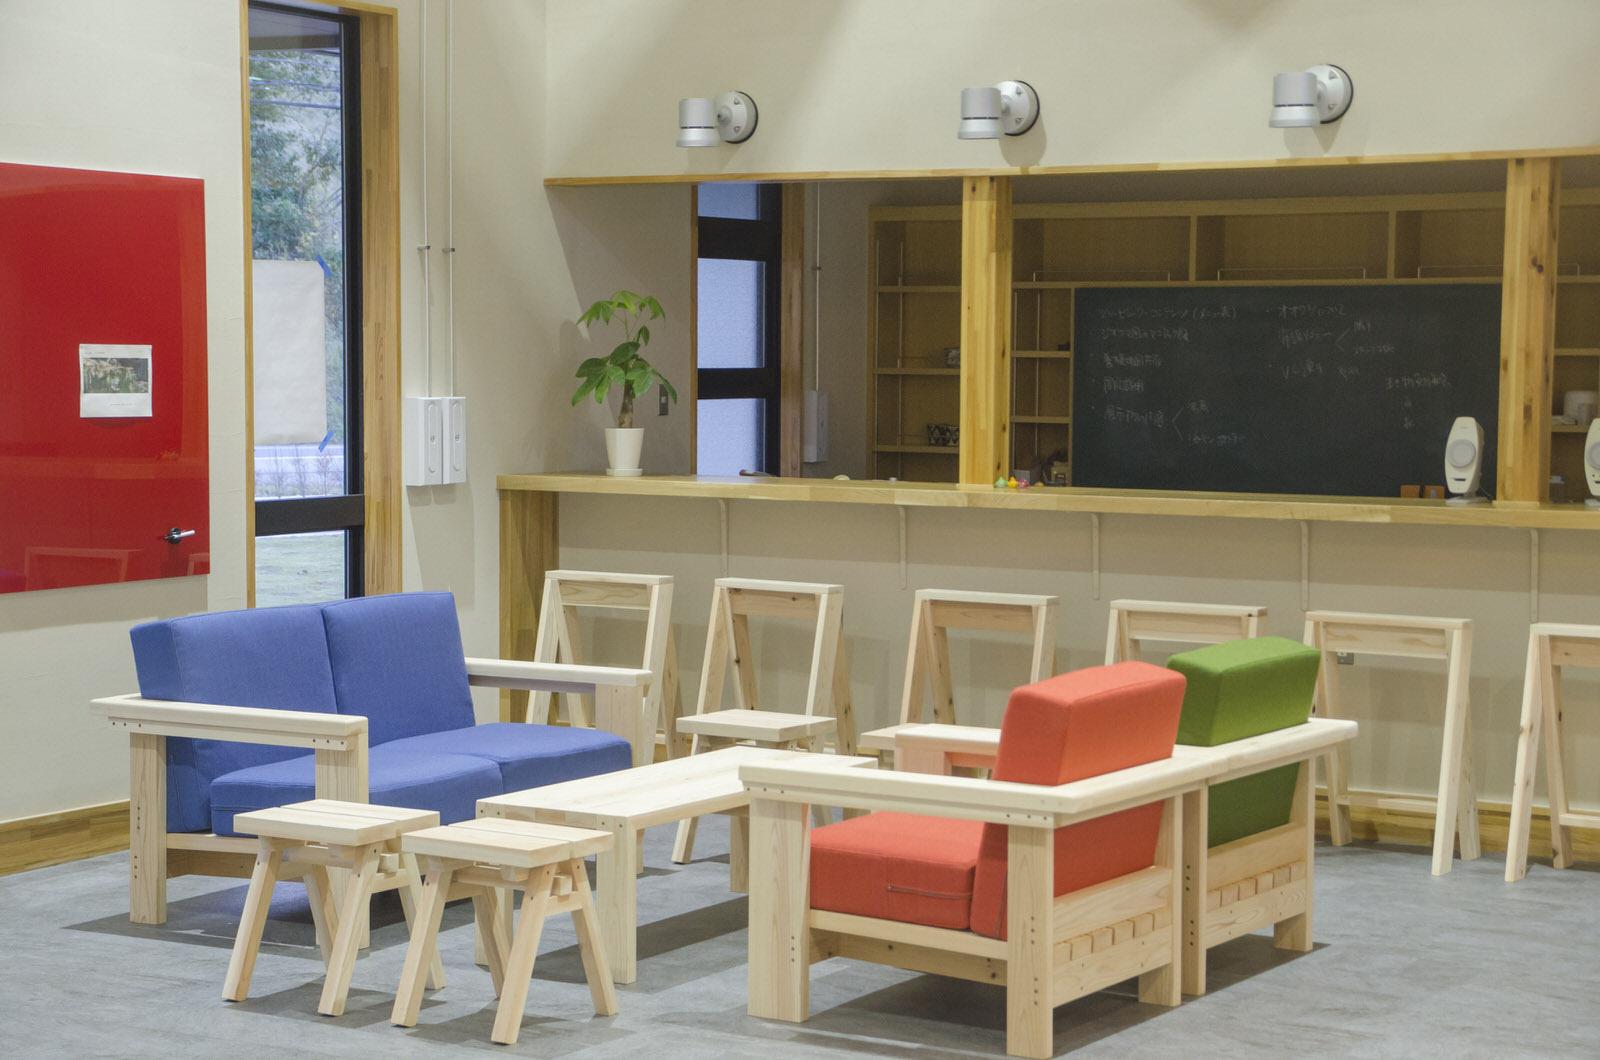 南三陸杉を使った家具が特徴的のカフェコーナー。電源やWiFiも完備され、作業や打ち合わせでの使用も可能。